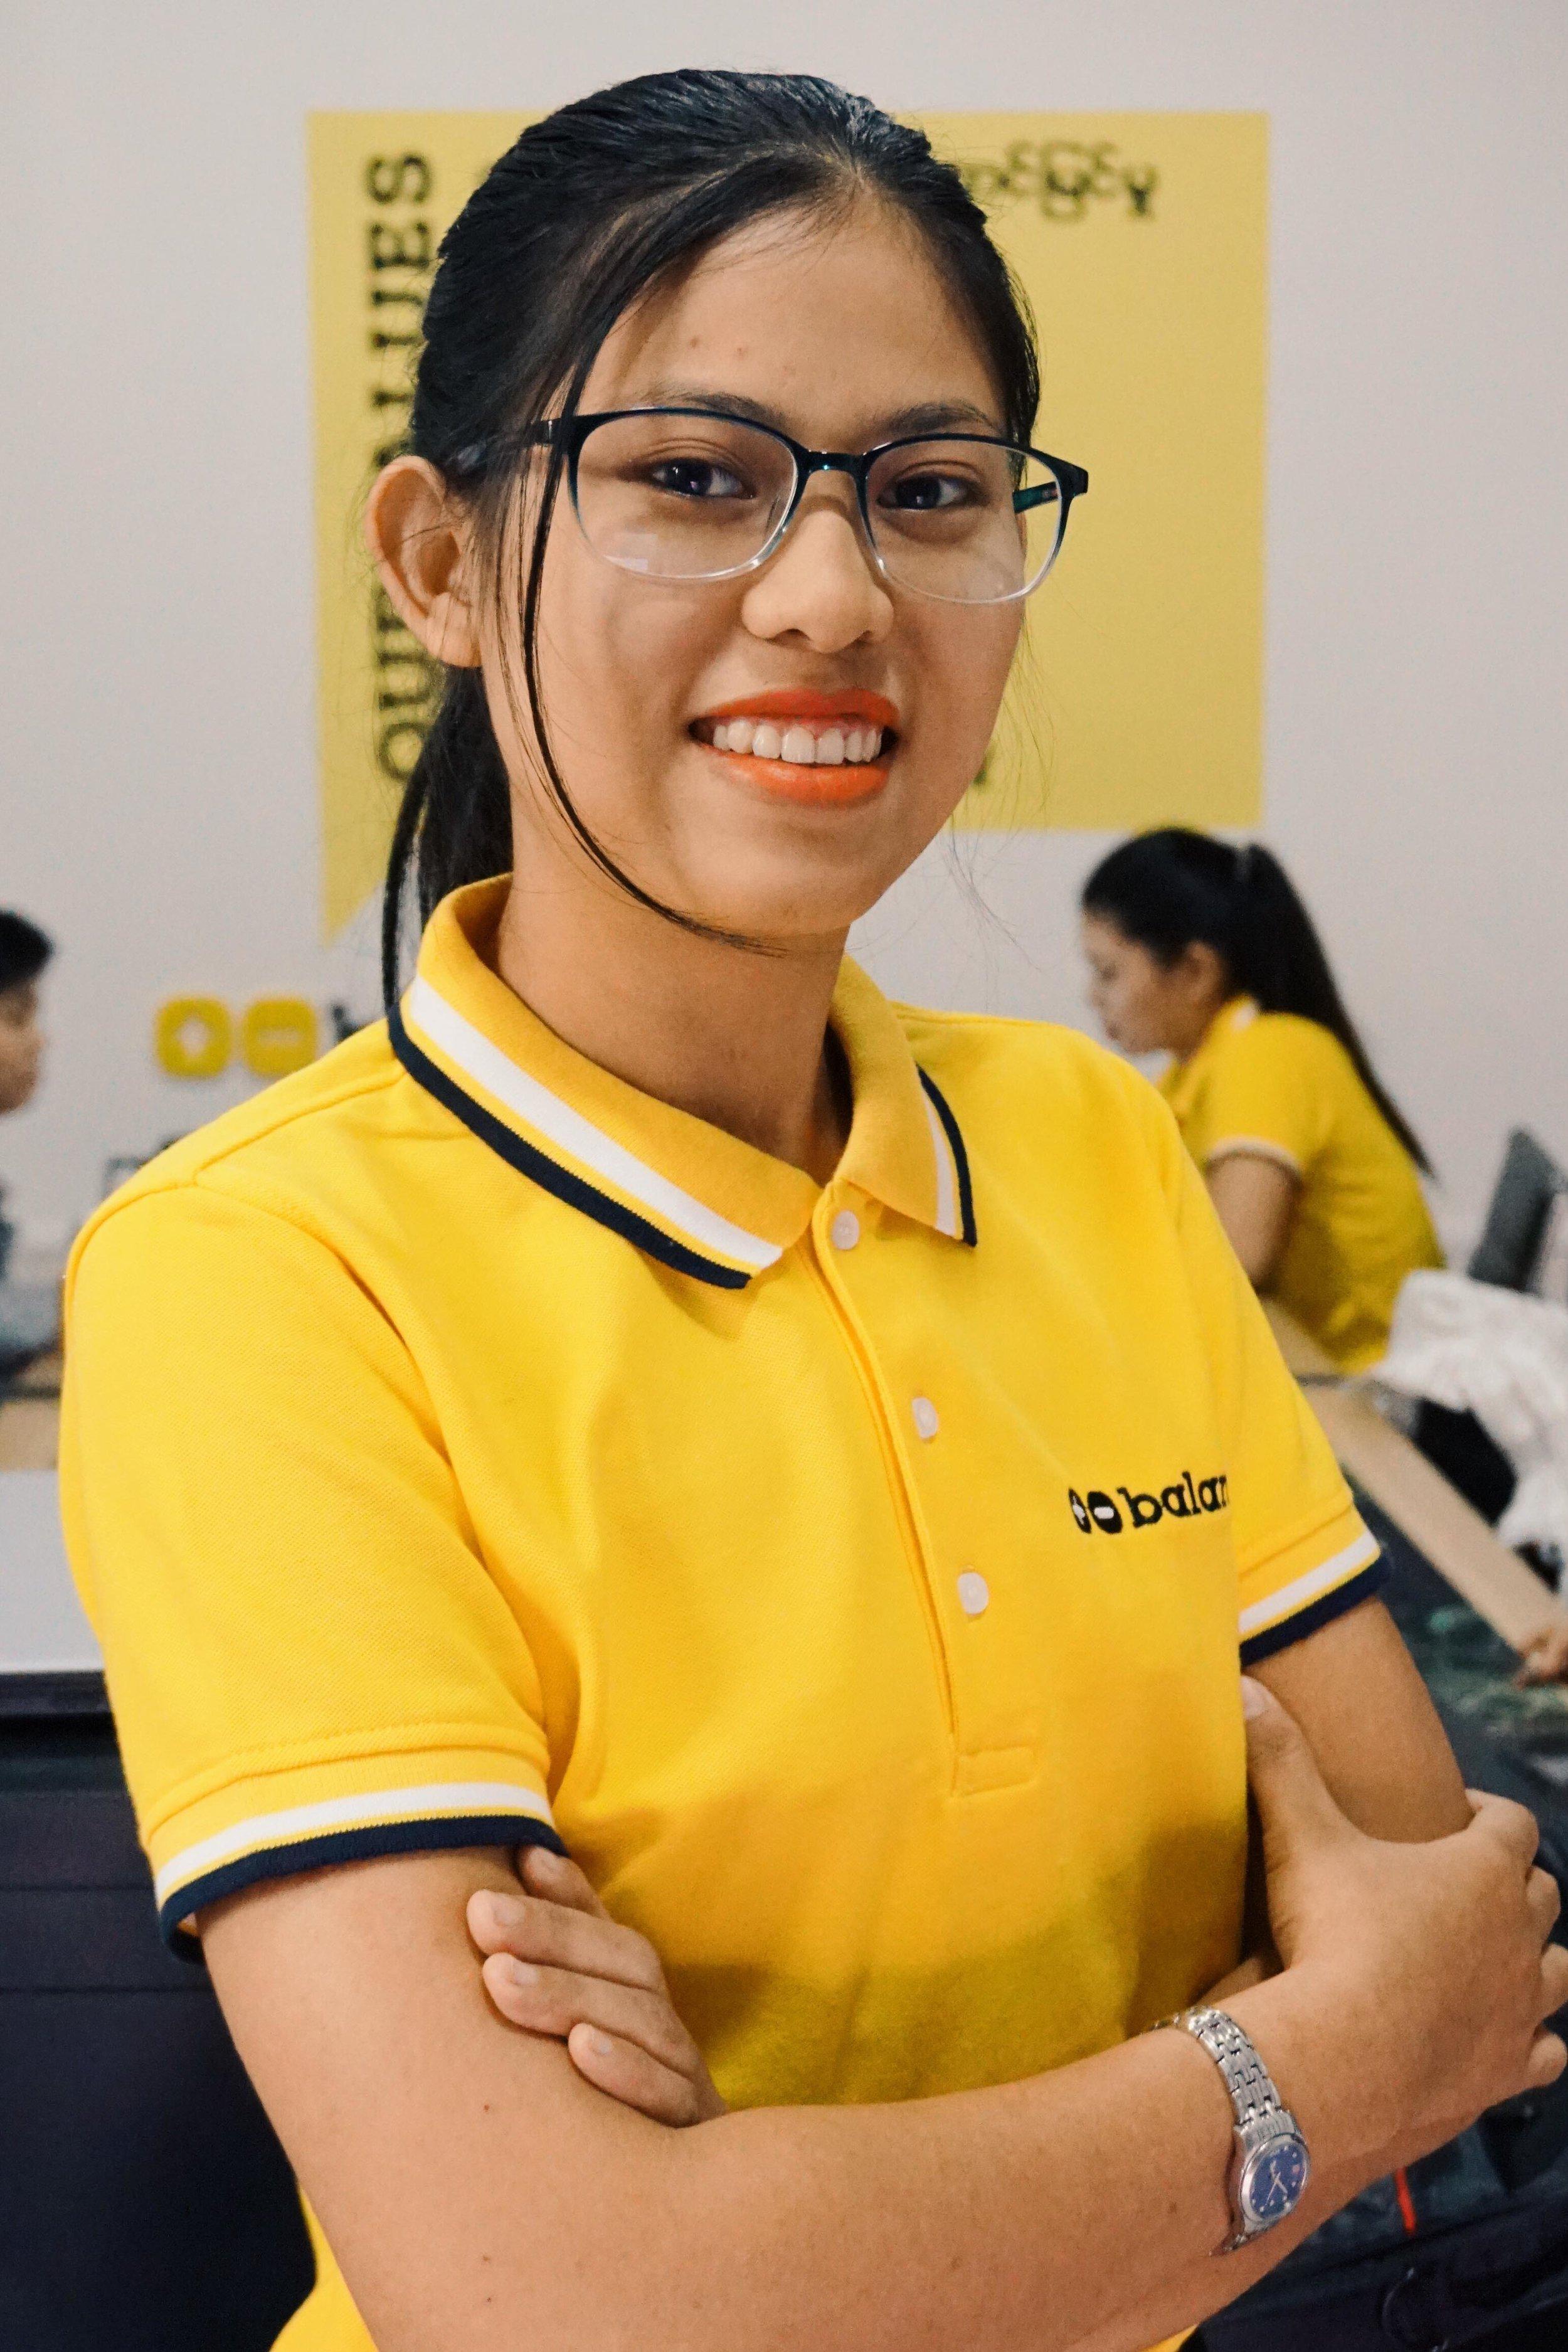 Thiri Htike Khin - Junior Accounting Expert